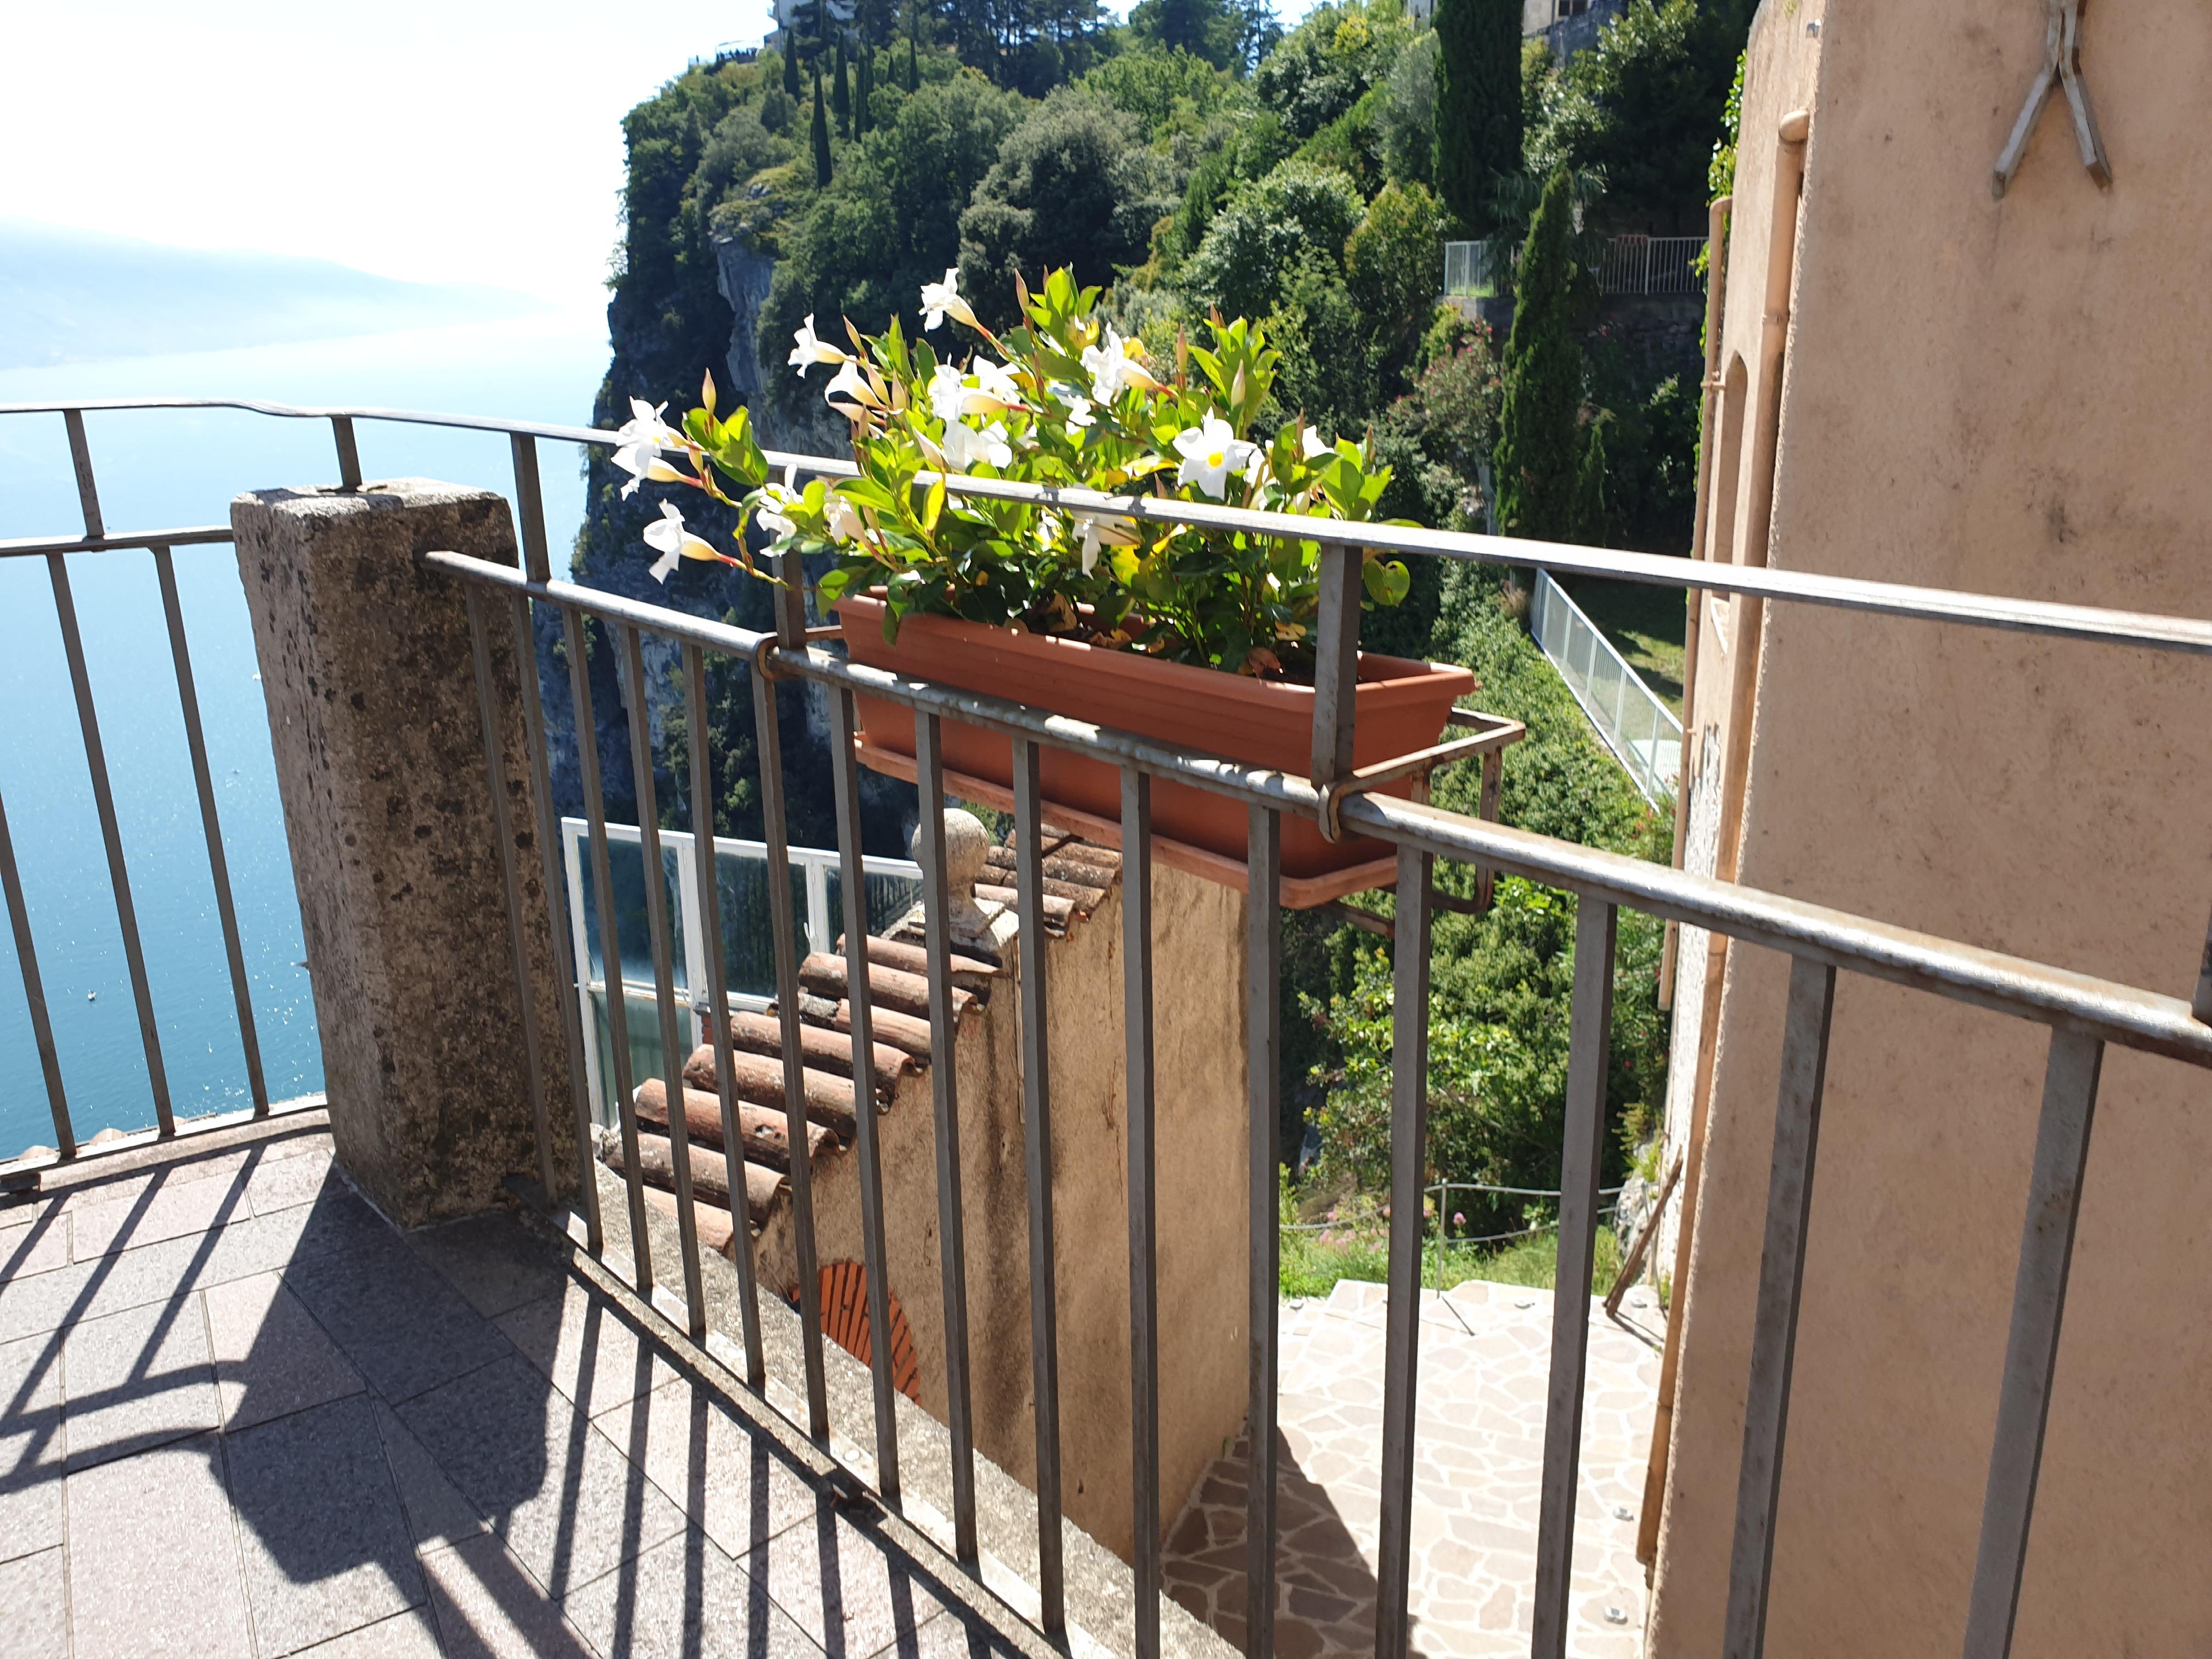 La terrazza del brivido - Tremosine sul Garda